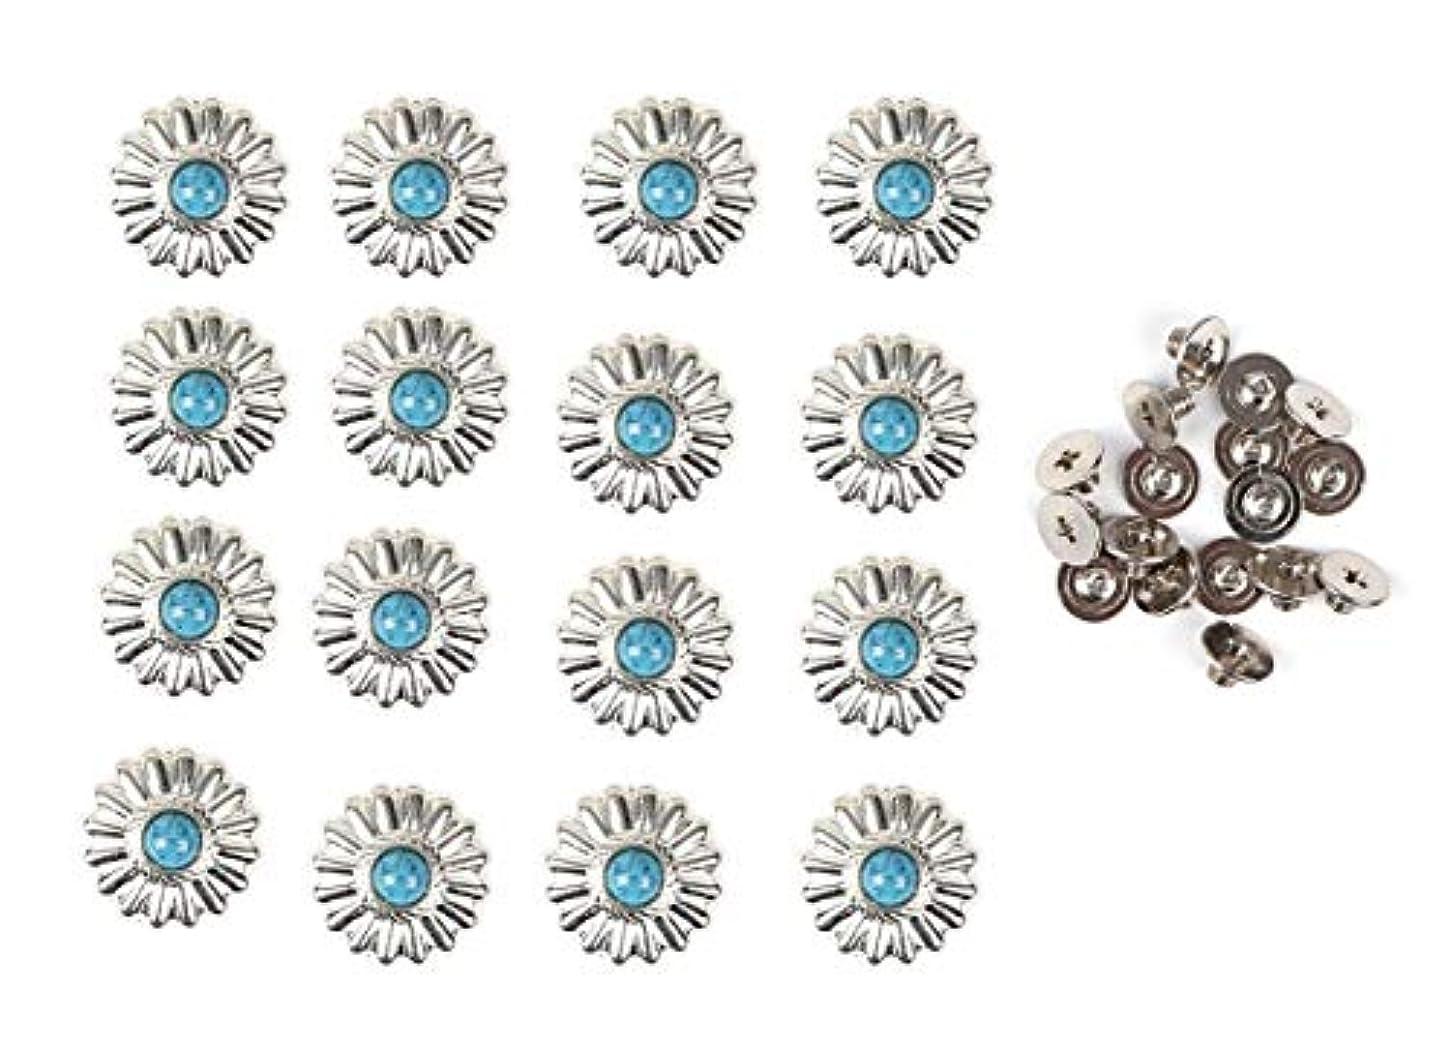 征服会議抵抗力があるレザークラフト 用 ターコイズ ブルー ネジ式 小菊 コンチョ 16個セット 飾り ボタン ハンドメイド